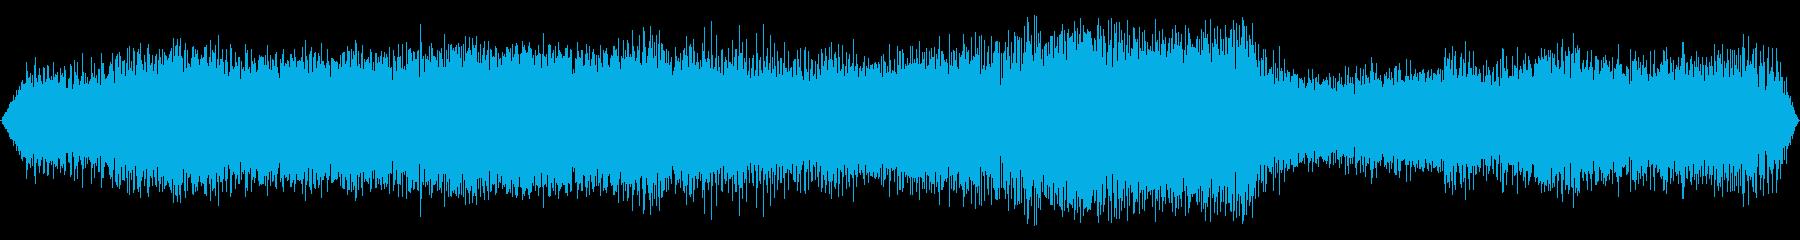 加速中のディーゼル特急のエンジン音の再生済みの波形